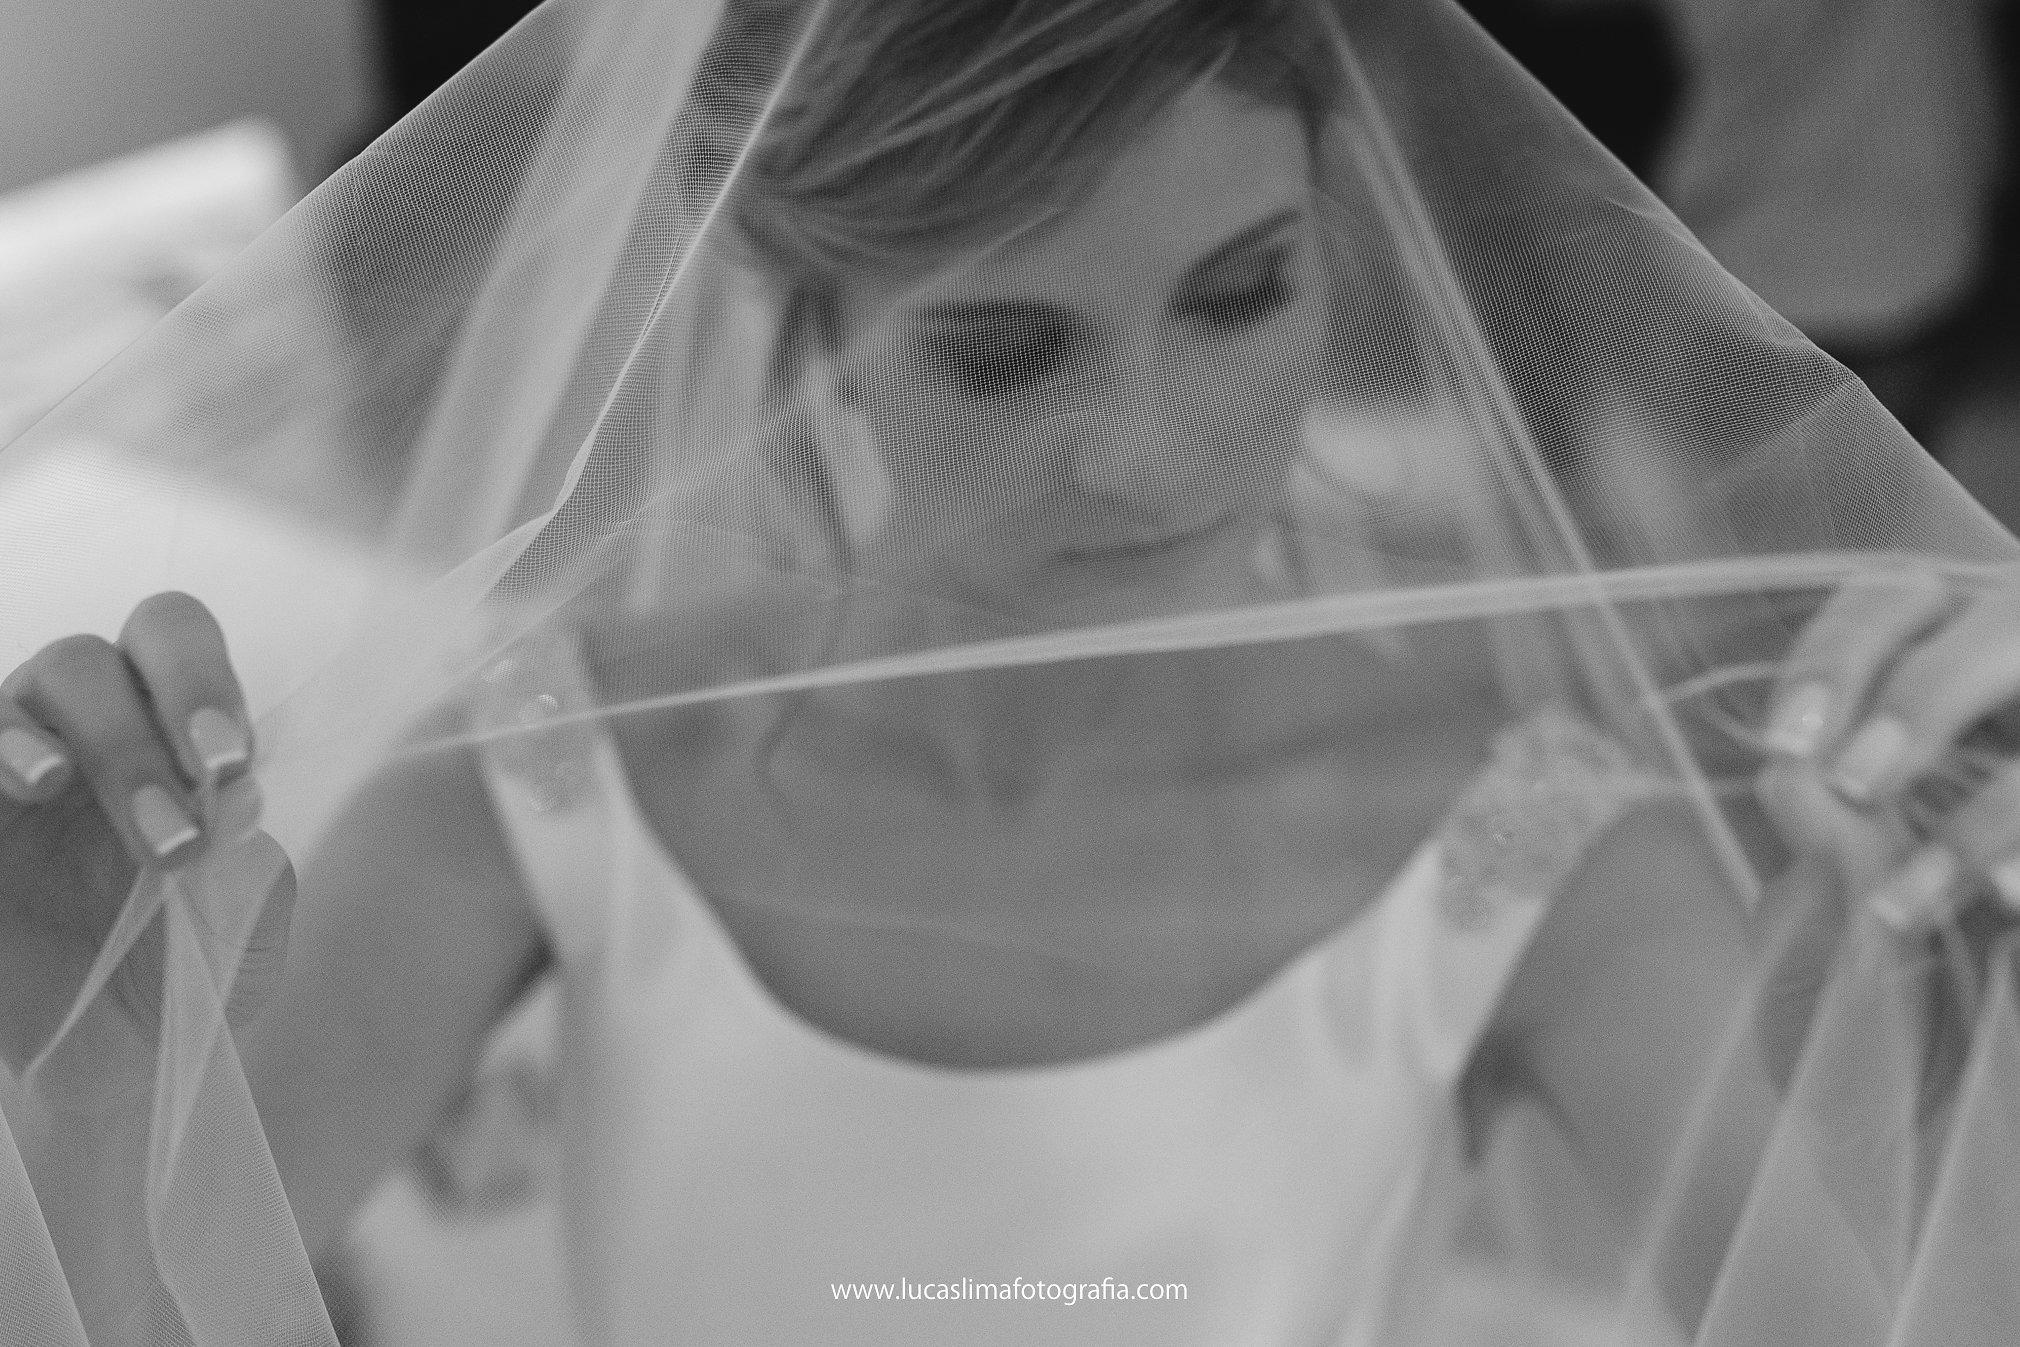 casamento-flavia-e-thomas-lucaslimafotografia-53